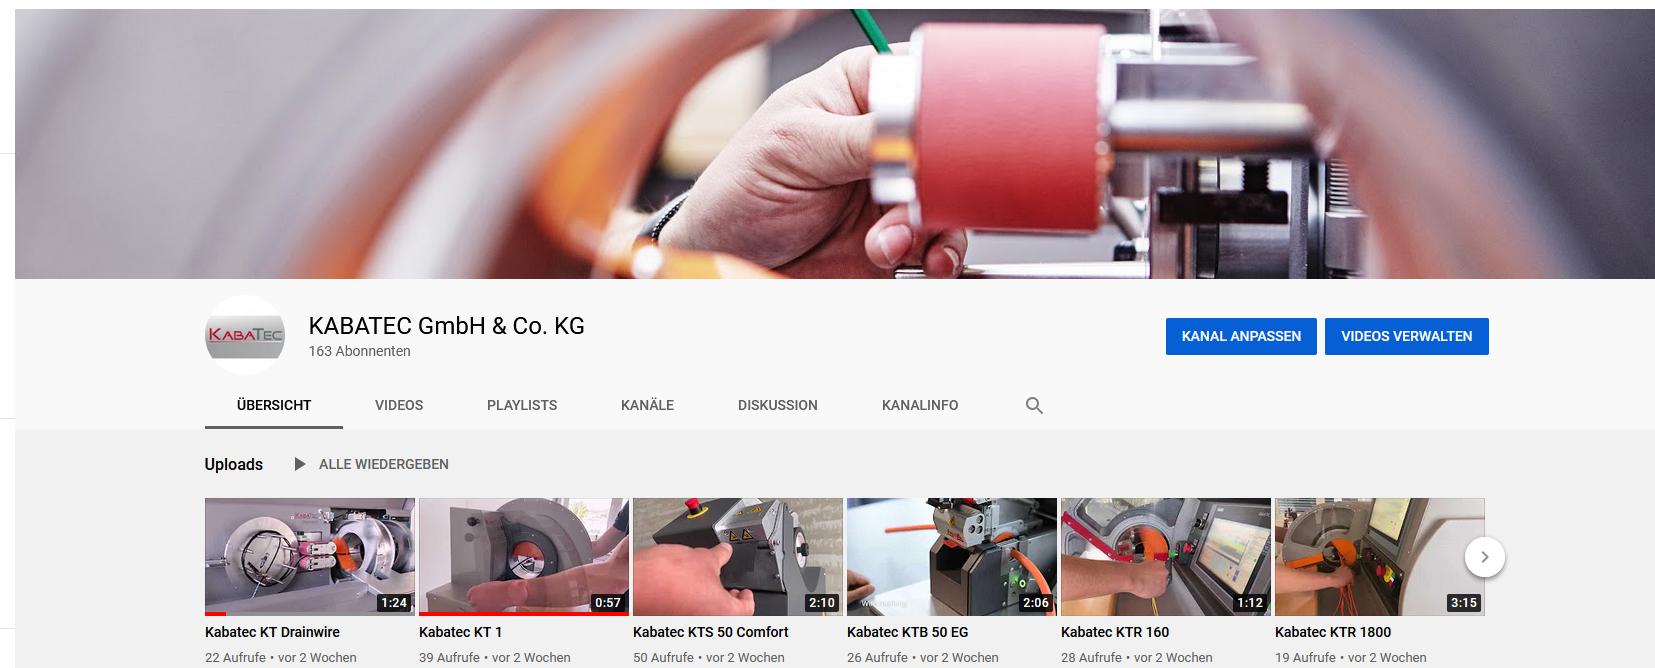 Besuchen Sie unseren neuen YouTube-Kanal!